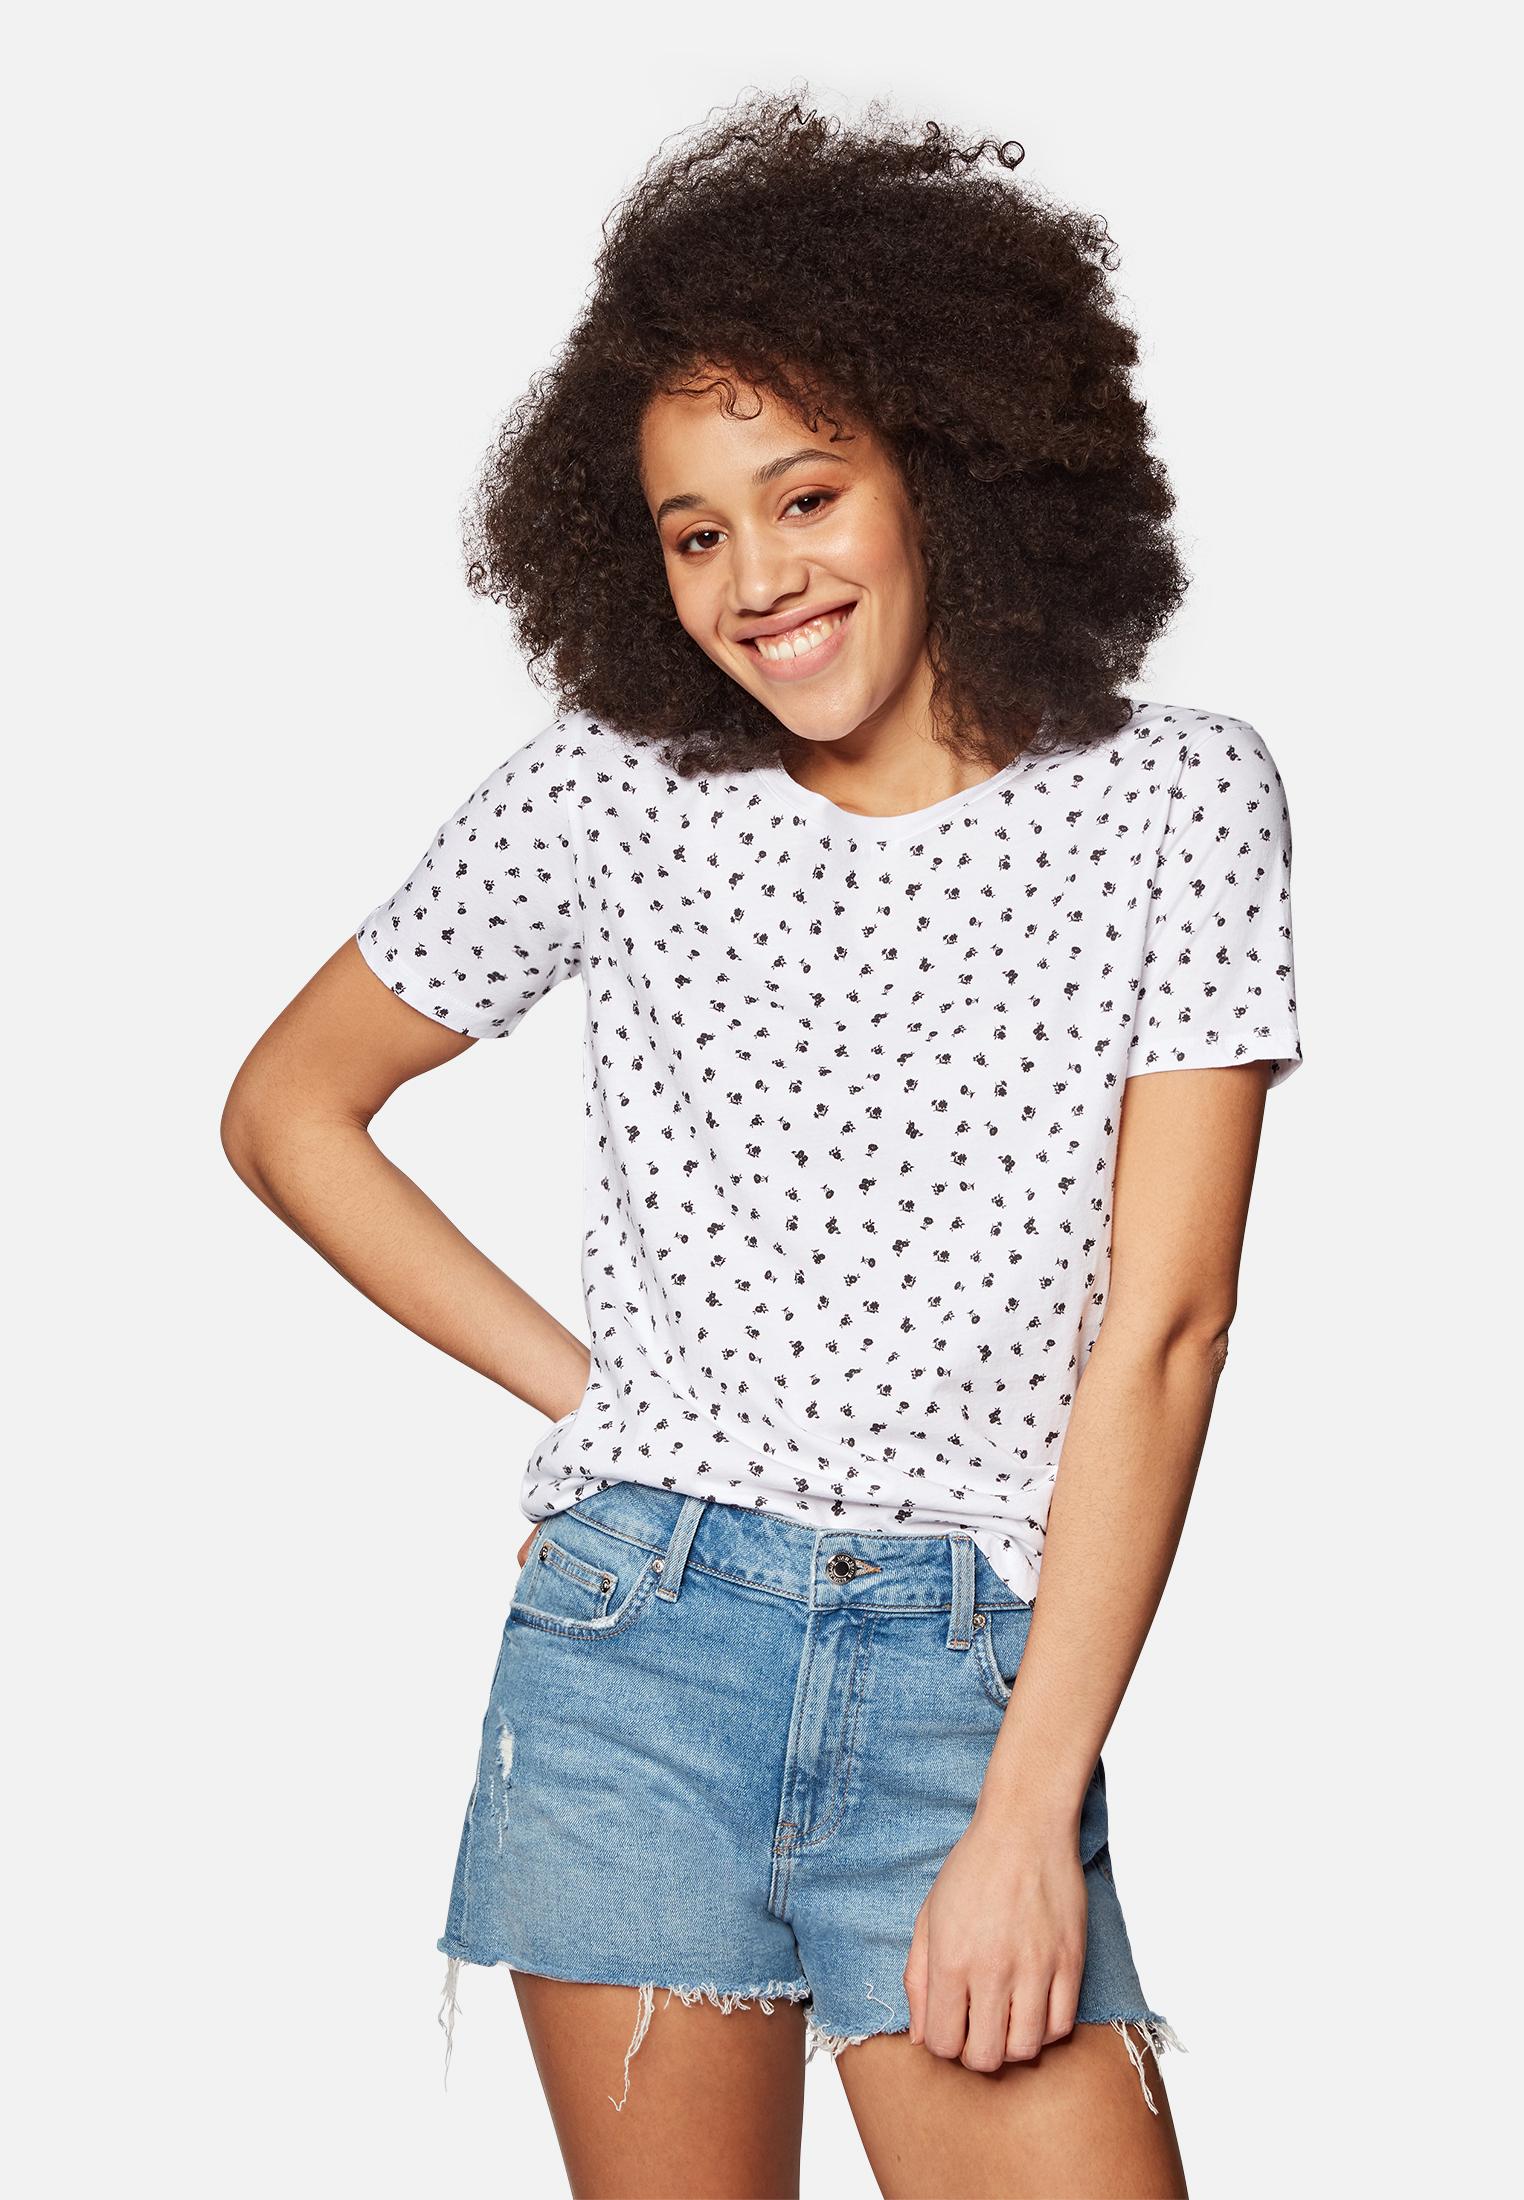 Mavi T-SHIRT | T-Shirt mit Allover-Print Blumen in weiß